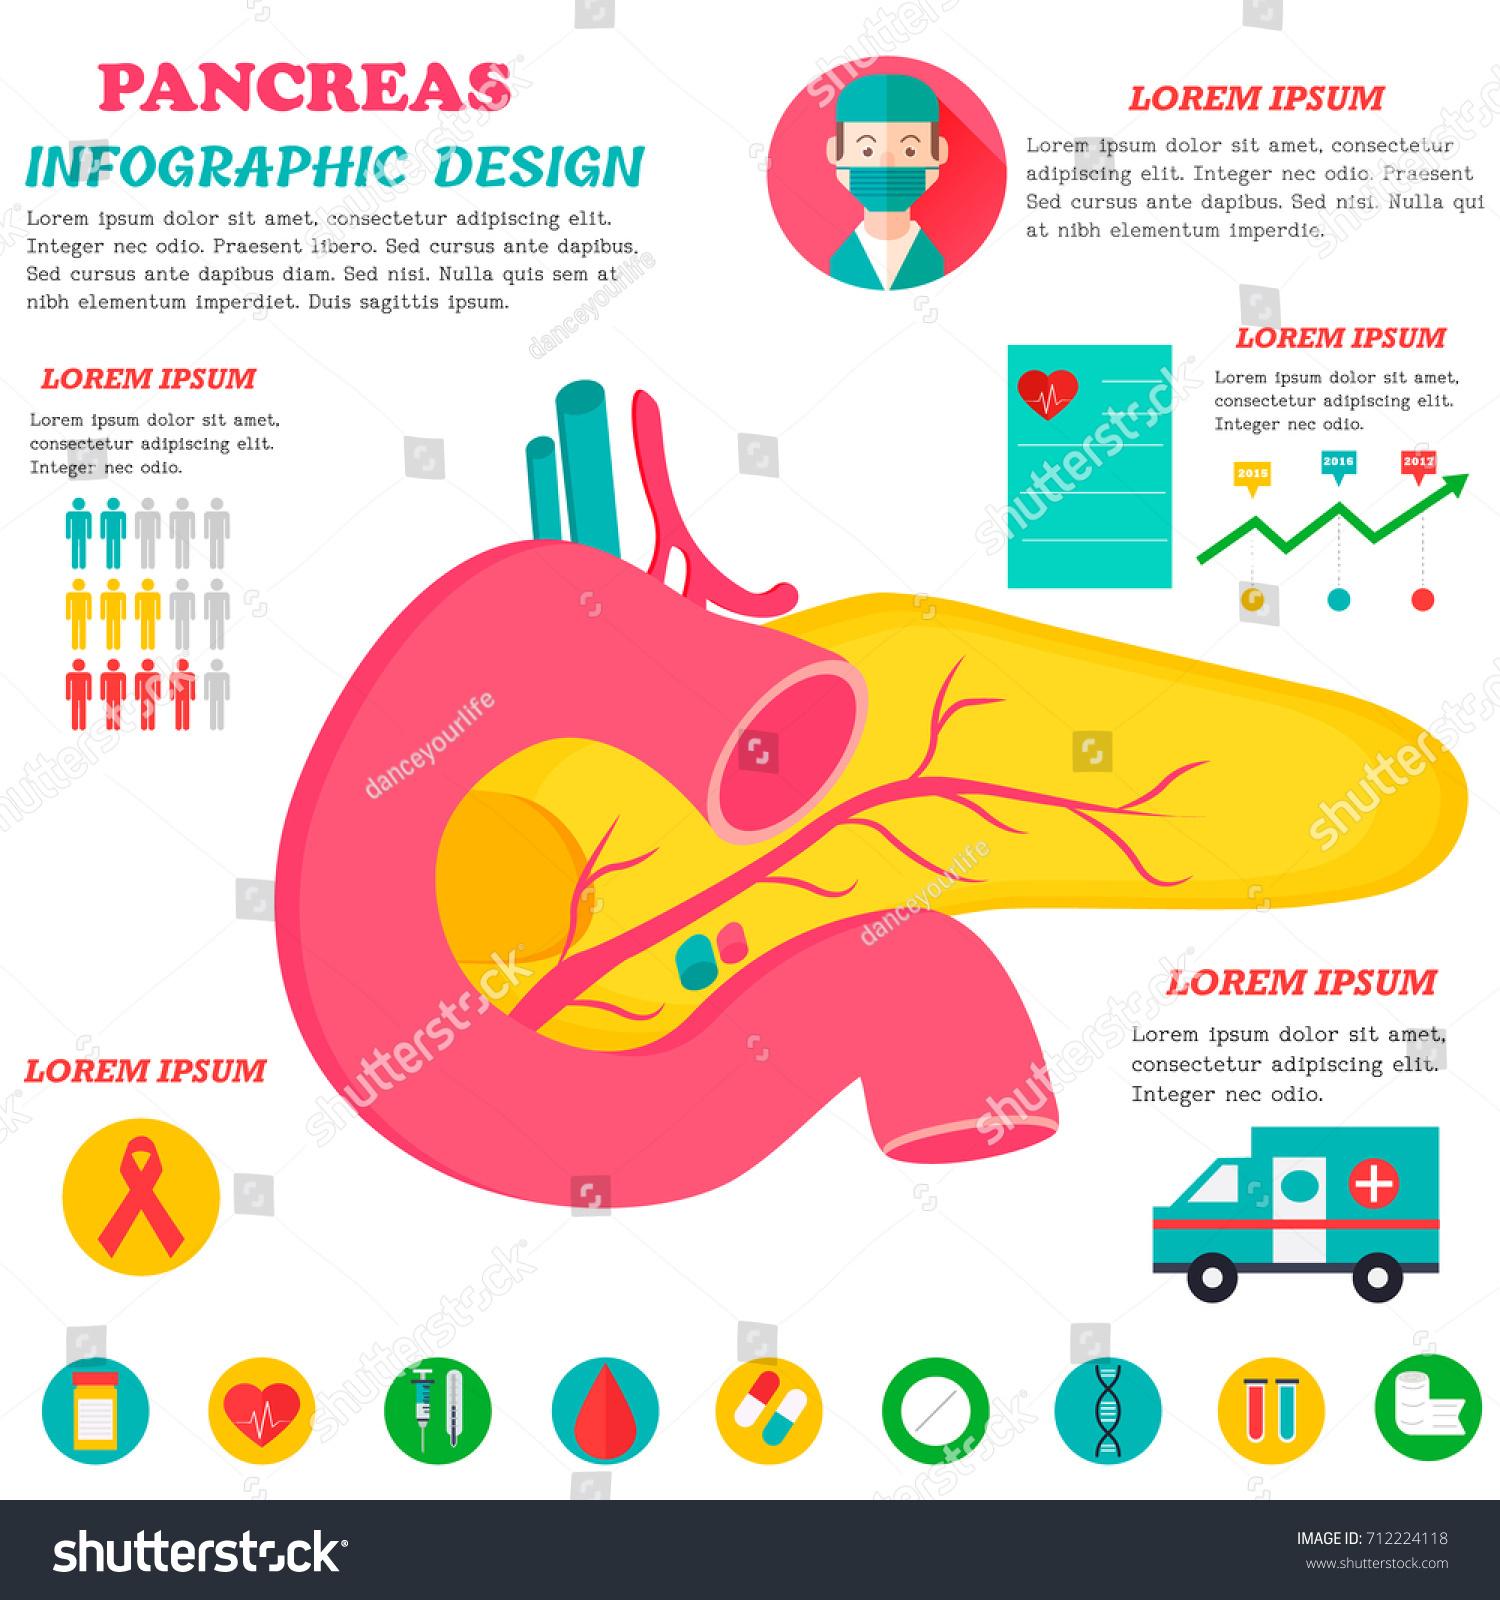 Infographic Poster Pancreas Illustration Vector de stock (libre de ...